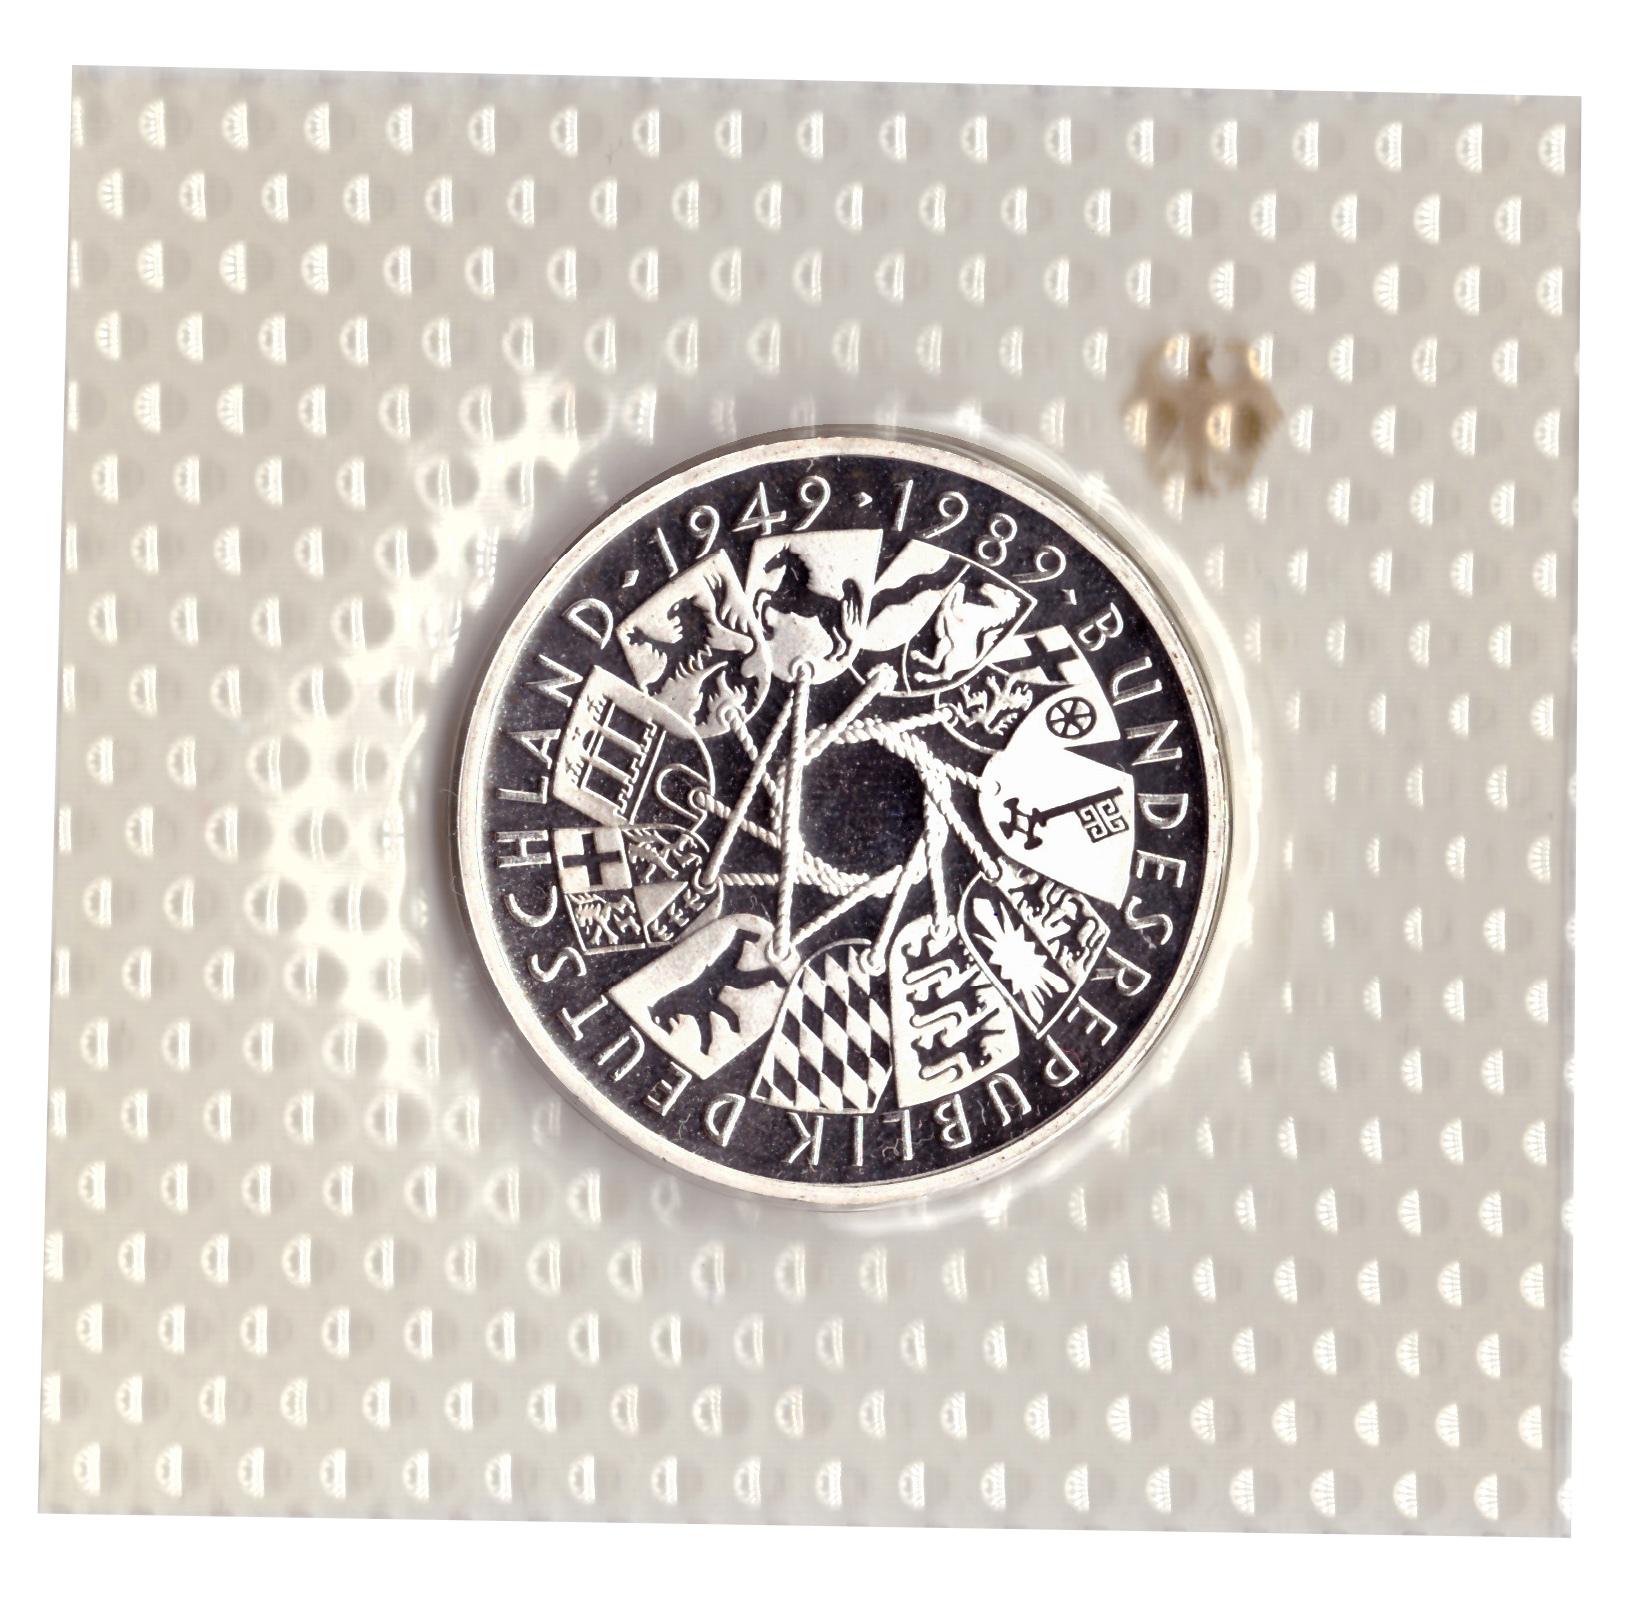 10 марок 1989 год (G) 40 лет ФРГ, Германия. PROOF в родной запайке